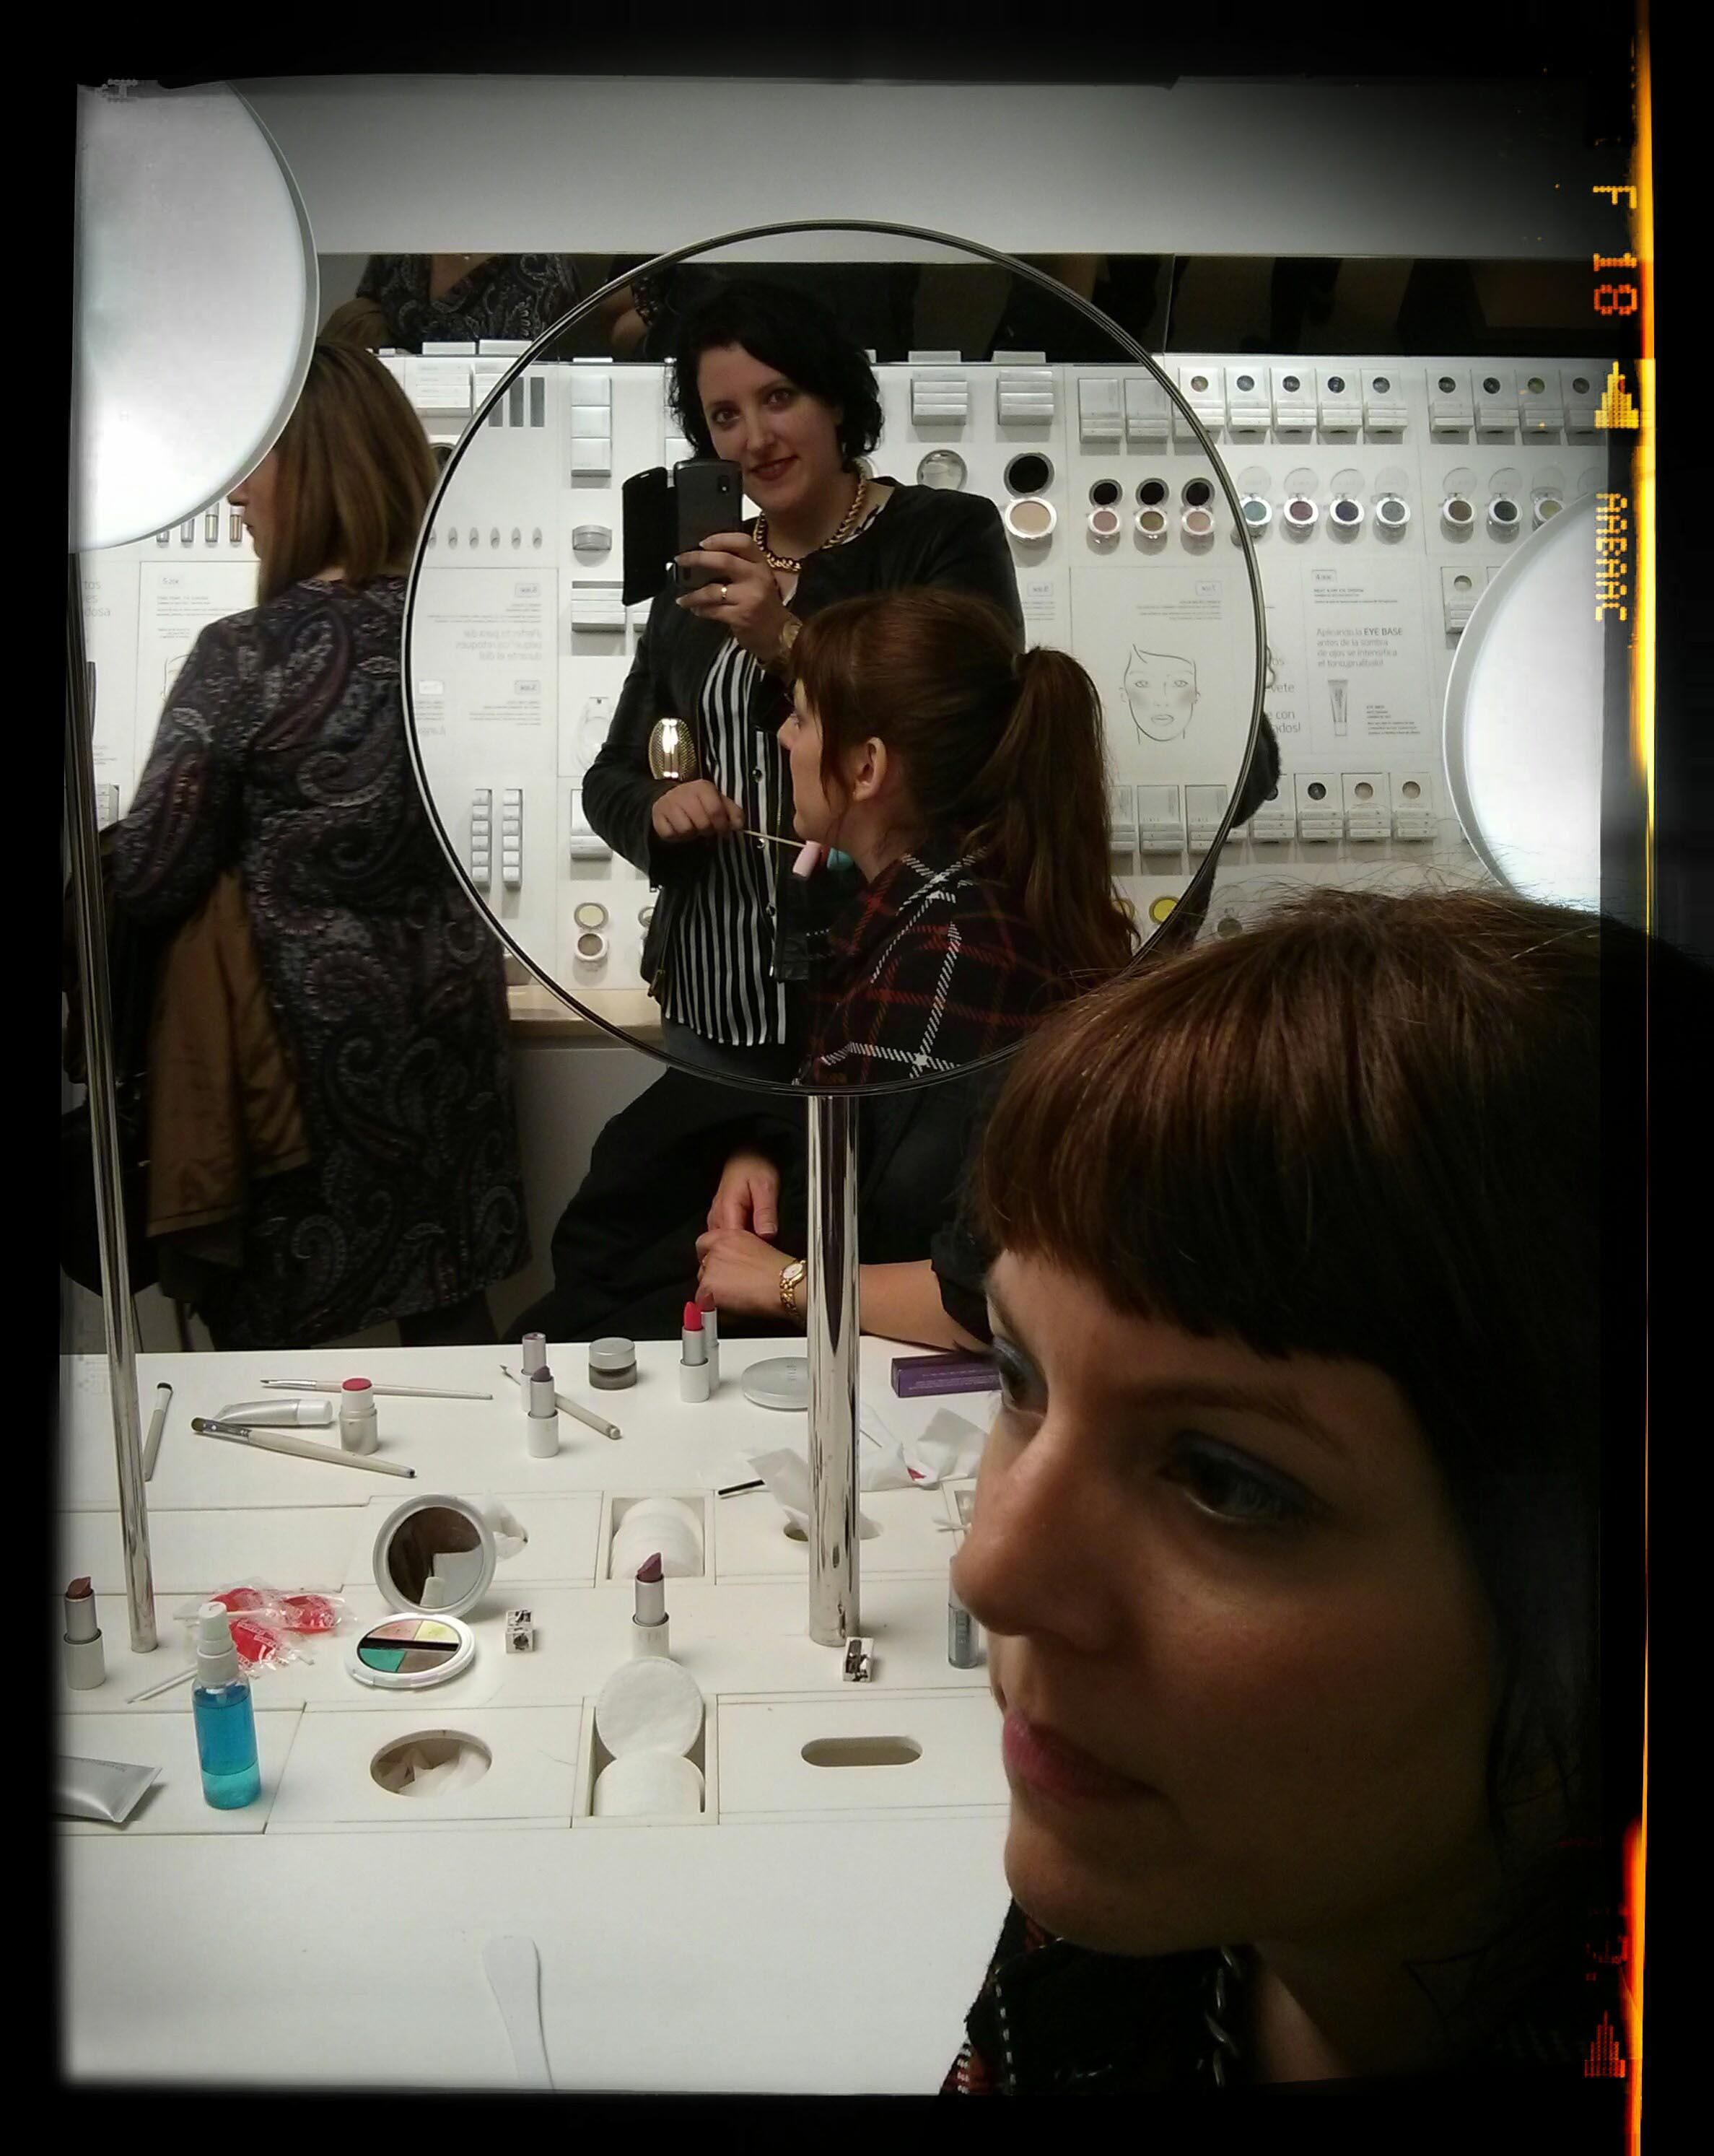 cosmetica y maquillaje en la fiesta Etnia Cosmetics Paloma Silla Destaca-te 2014 primavera verano